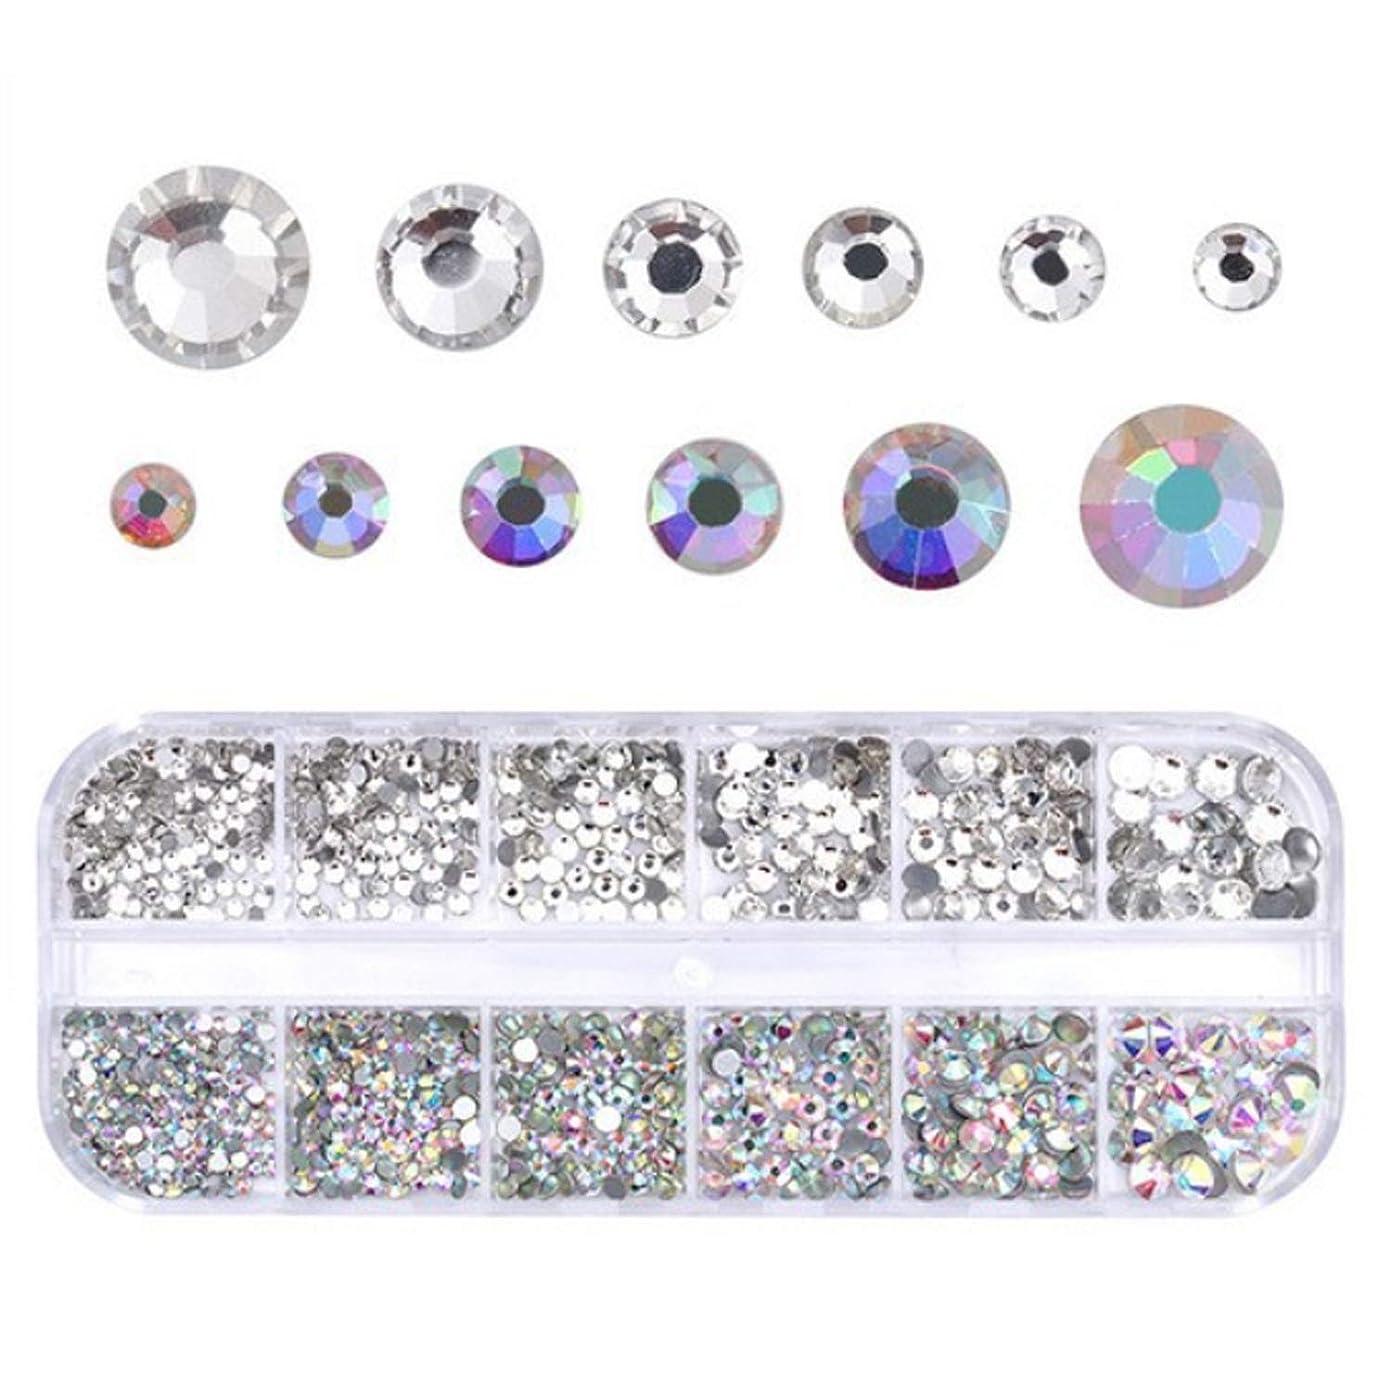 事件、出来事静的上下するMigavann 12-Grids ネイルアートラインストーン ネイルクリスタルフラットバックラインストーンクリアガラスチャーム宝石ストーンダイヤモンド